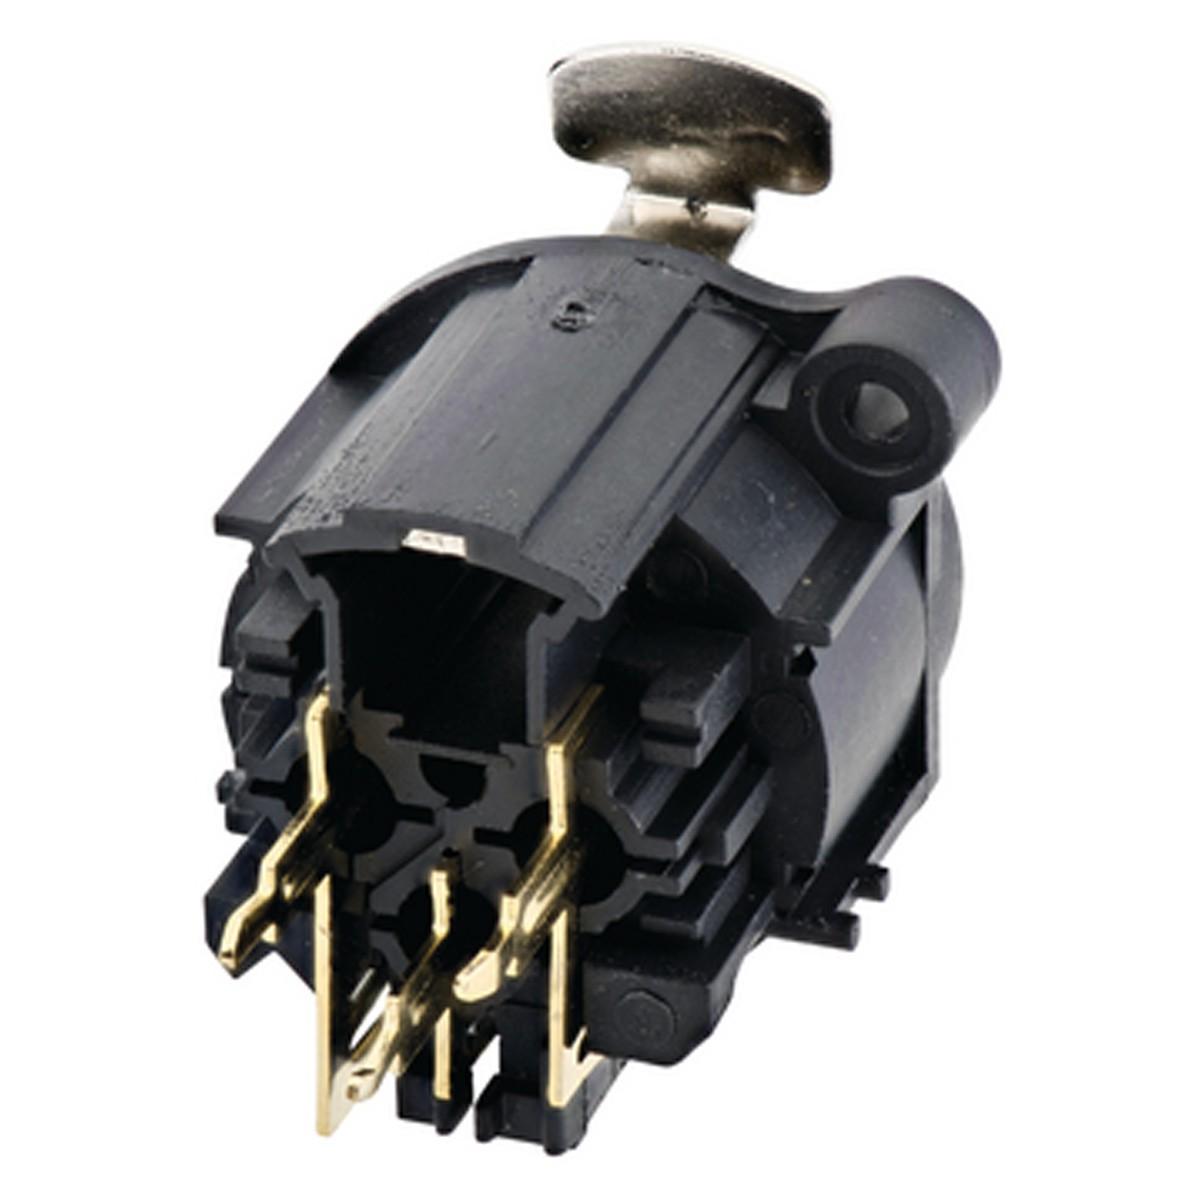 Pacote com 6 conectores xlr femea de painel Amphenol - AC3FAV-au-b